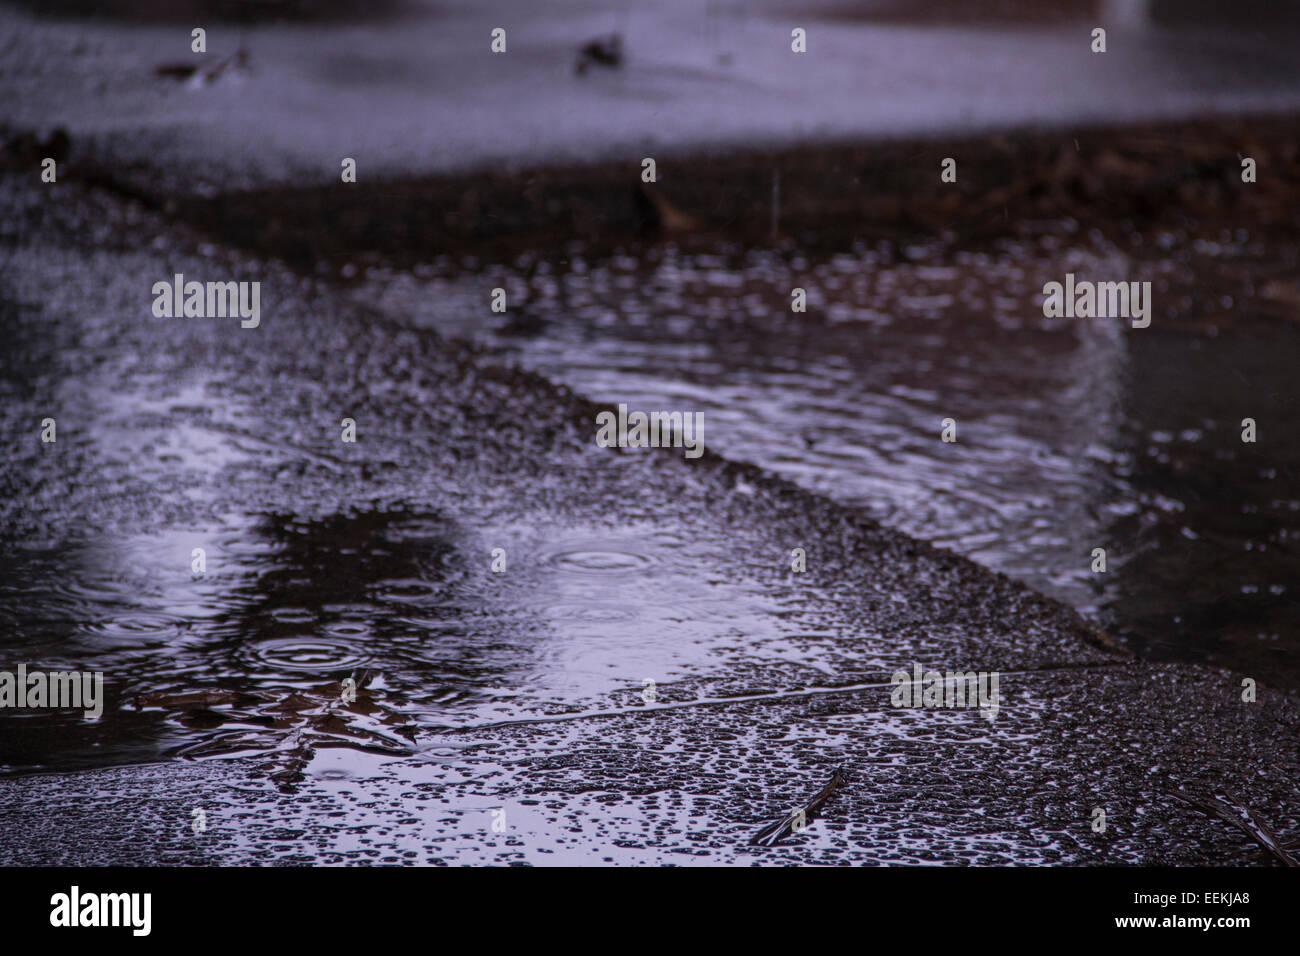 Trottoirs surélevés humide sur une journée pluvieuse et morne. Photo Stock